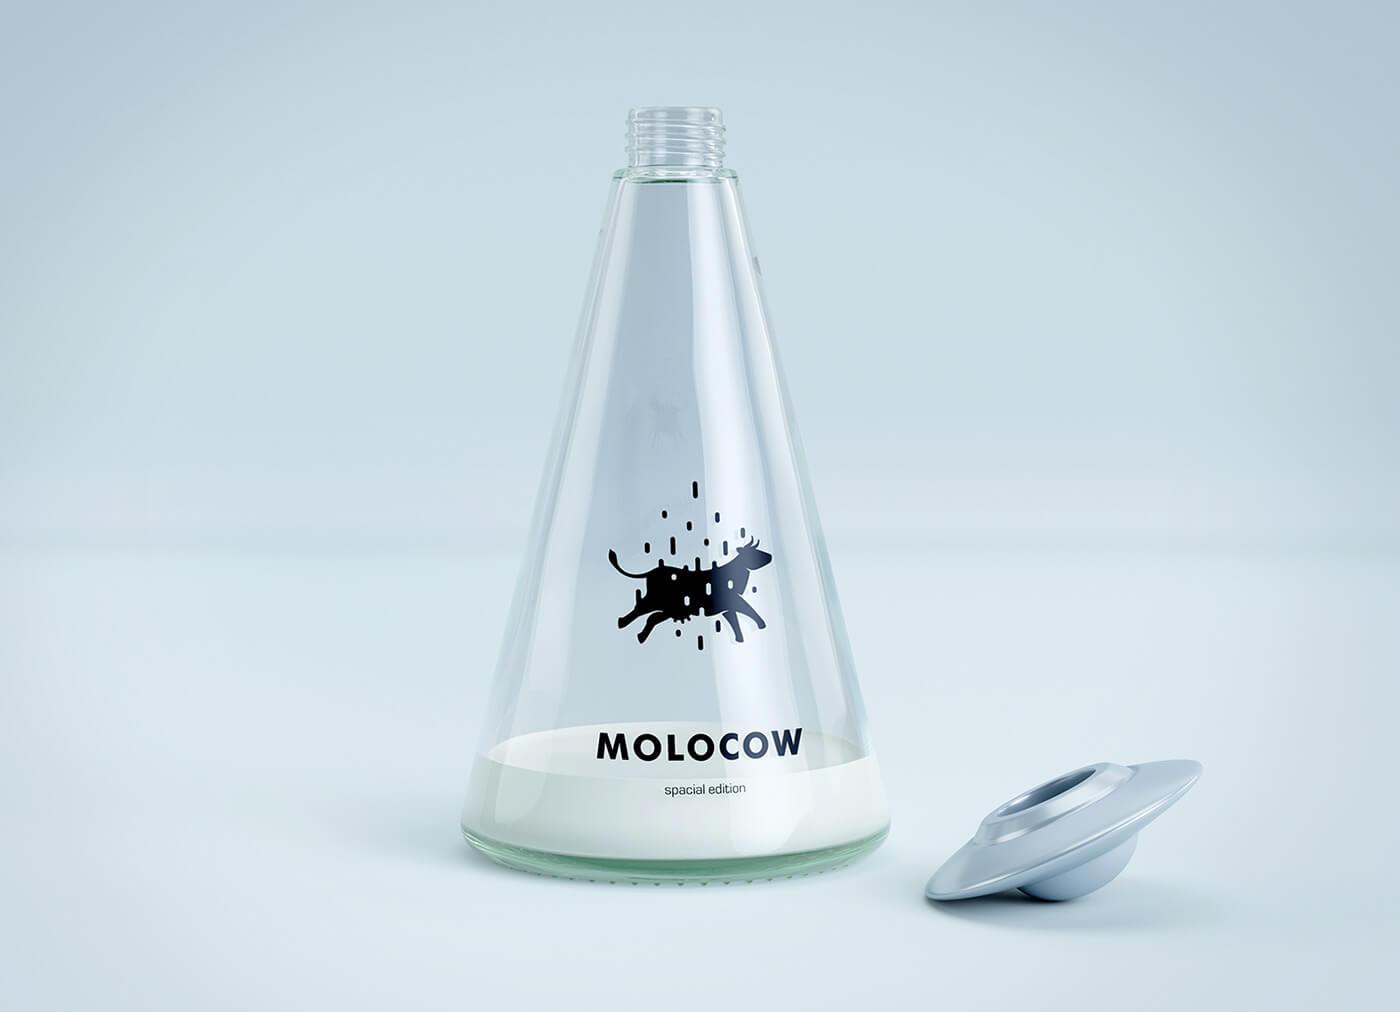 Molocowの牛乳瓶(ミルクボトル)の開封イメージ